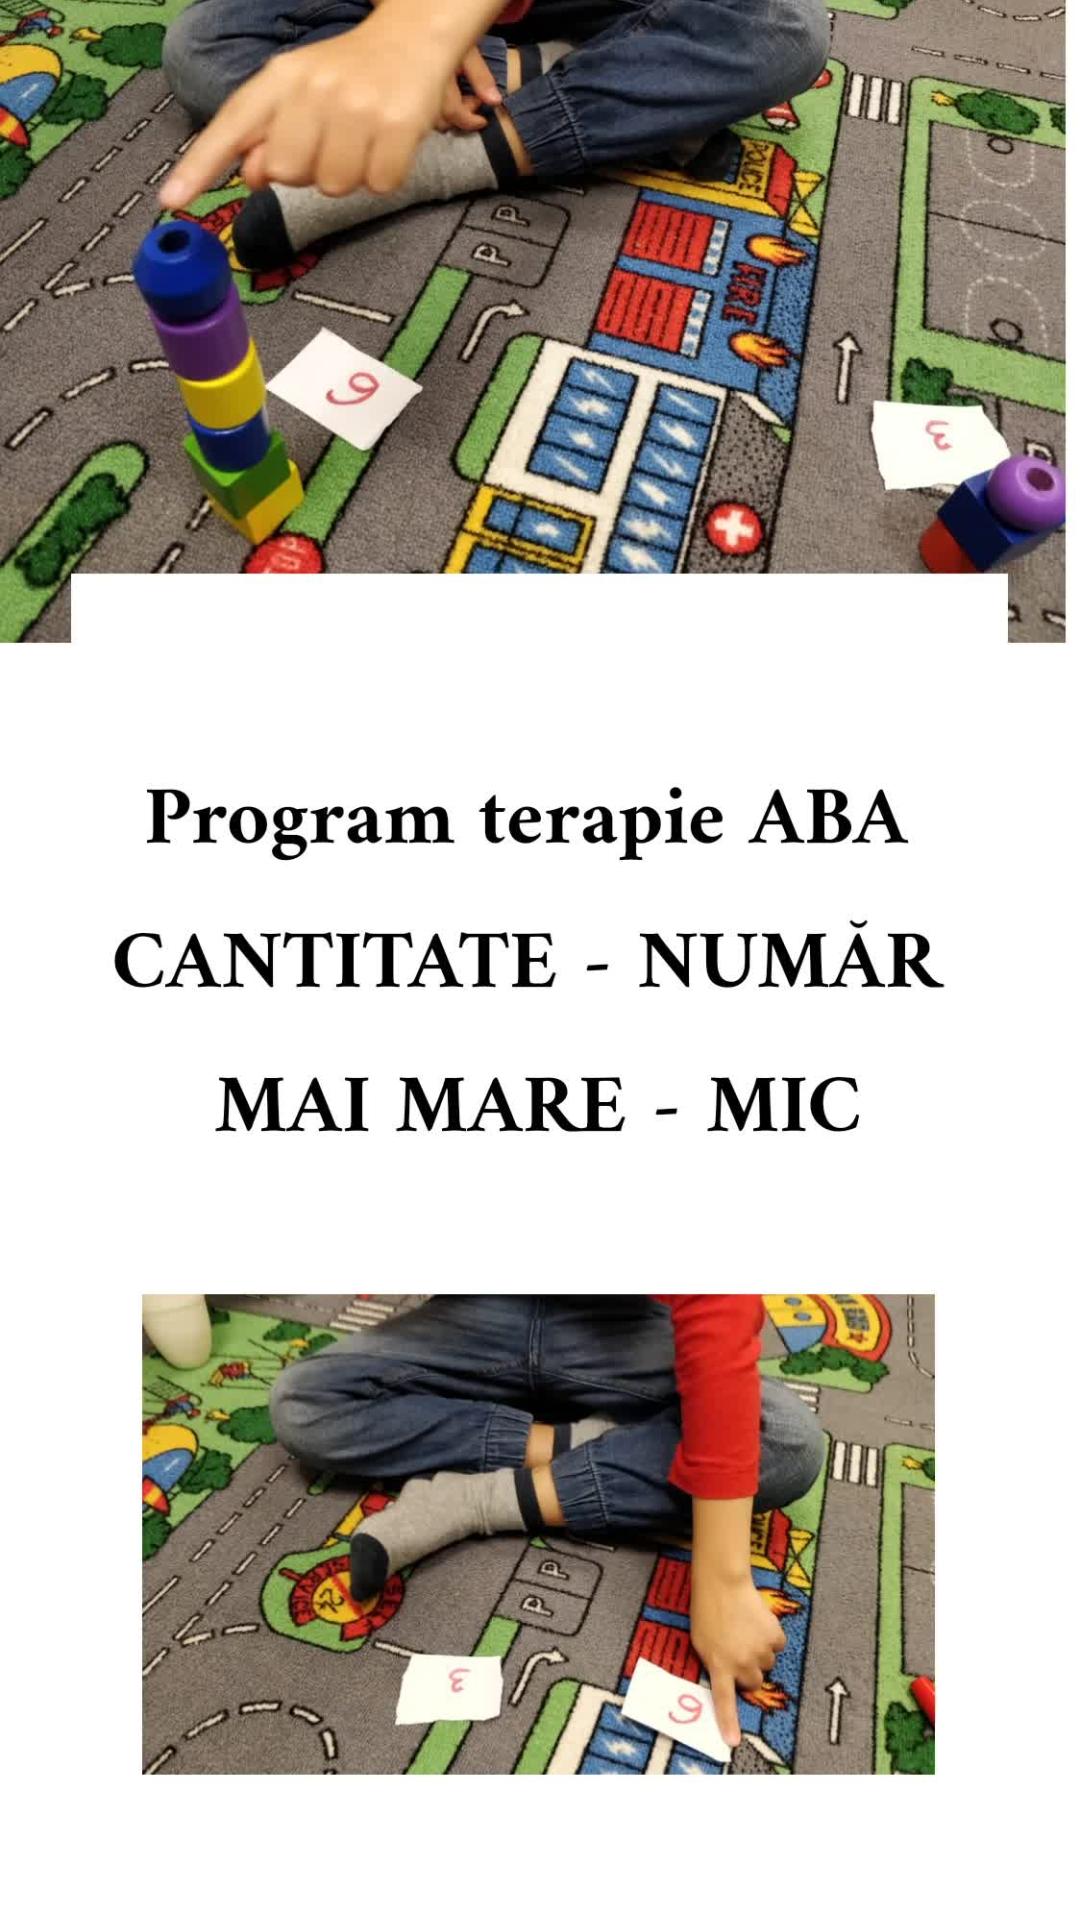 Terapia ABA -Program cantitate - număr. Mai mare - mic